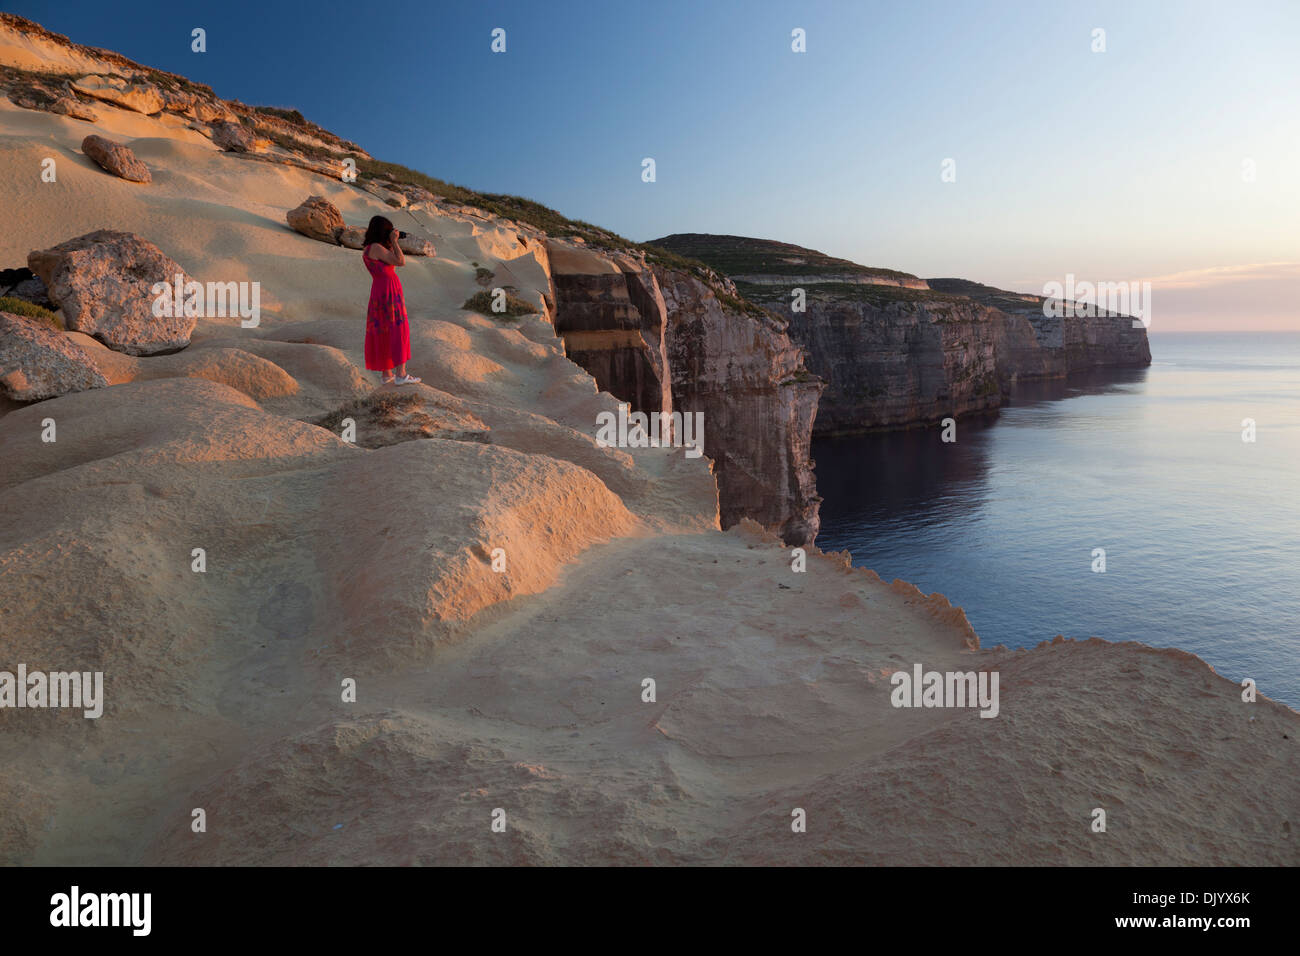 Una mujer que toma imágenes de la puesta de sol desde la cima de la seacliffs en el noroeste de la costa de Gozo. Imagen De Stock